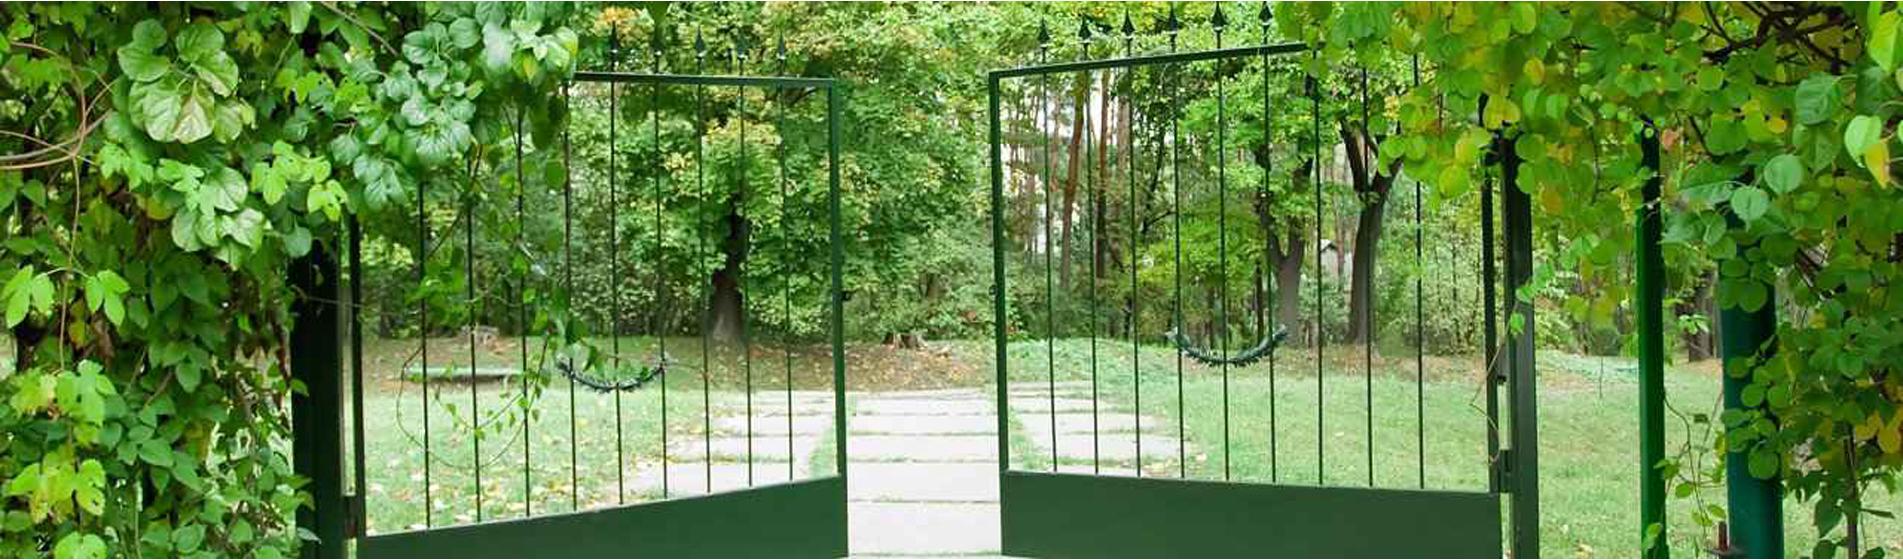 rénovation portail battant sur-mesure 84 Vaucluse